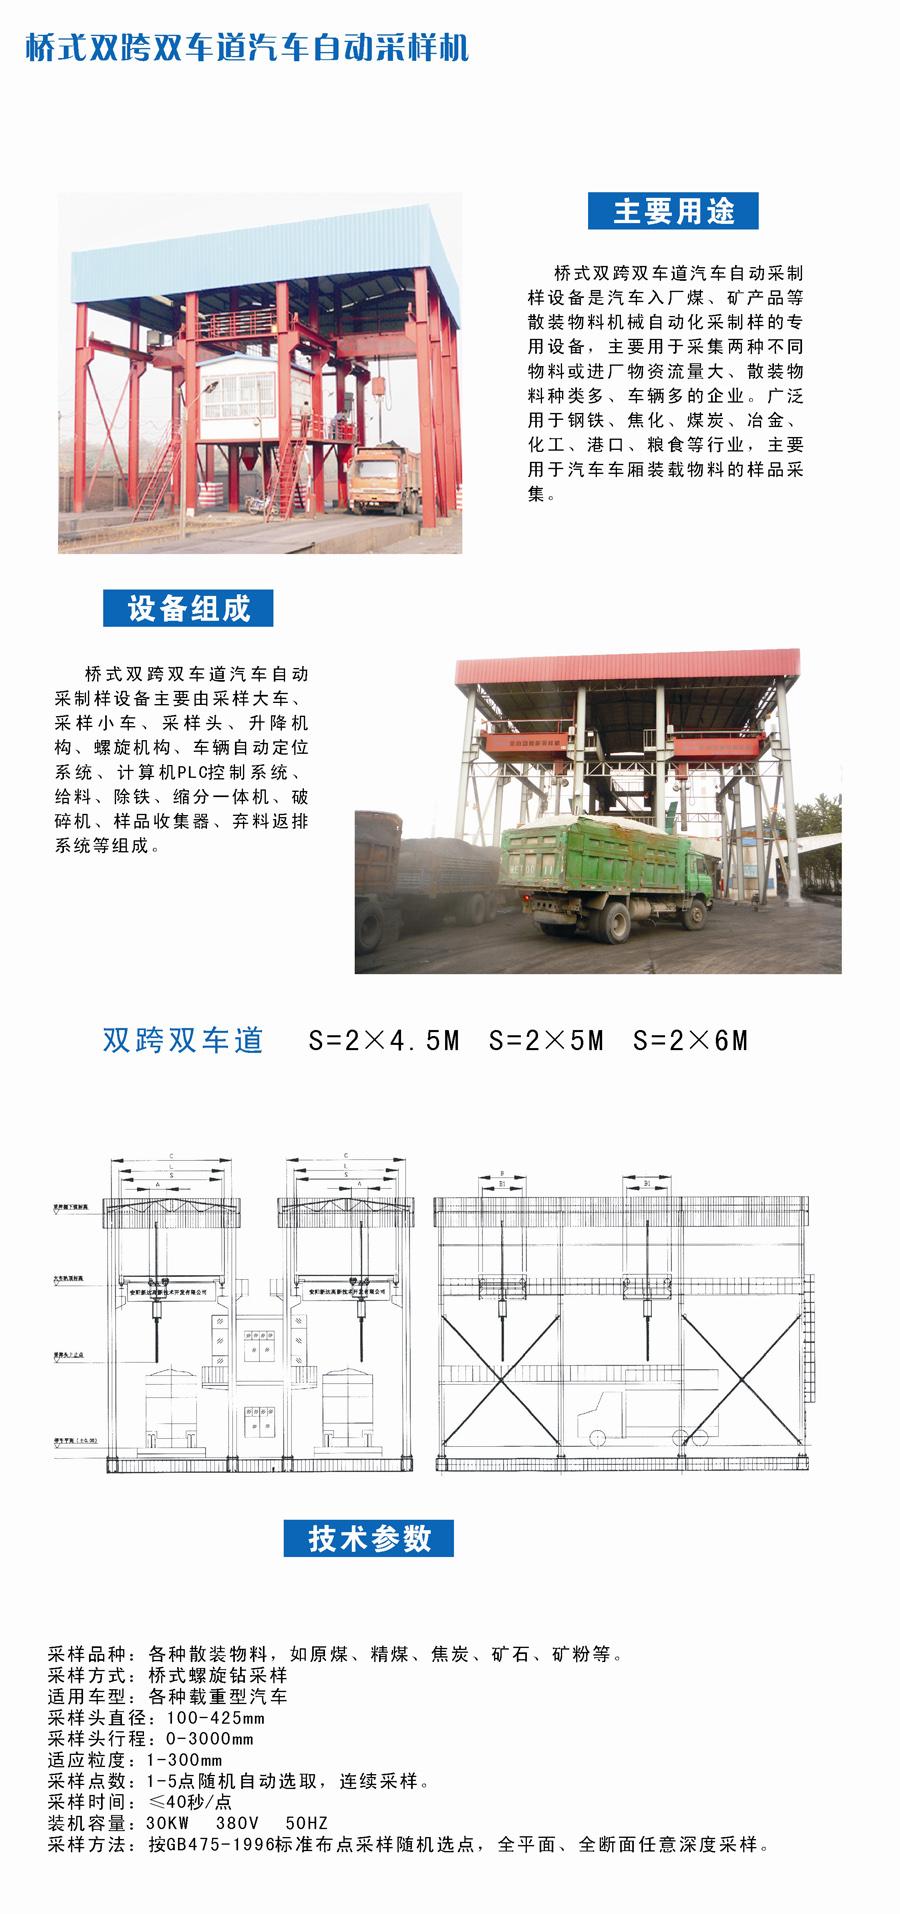 桥式双跨双车道汽车自动采样机.jpg